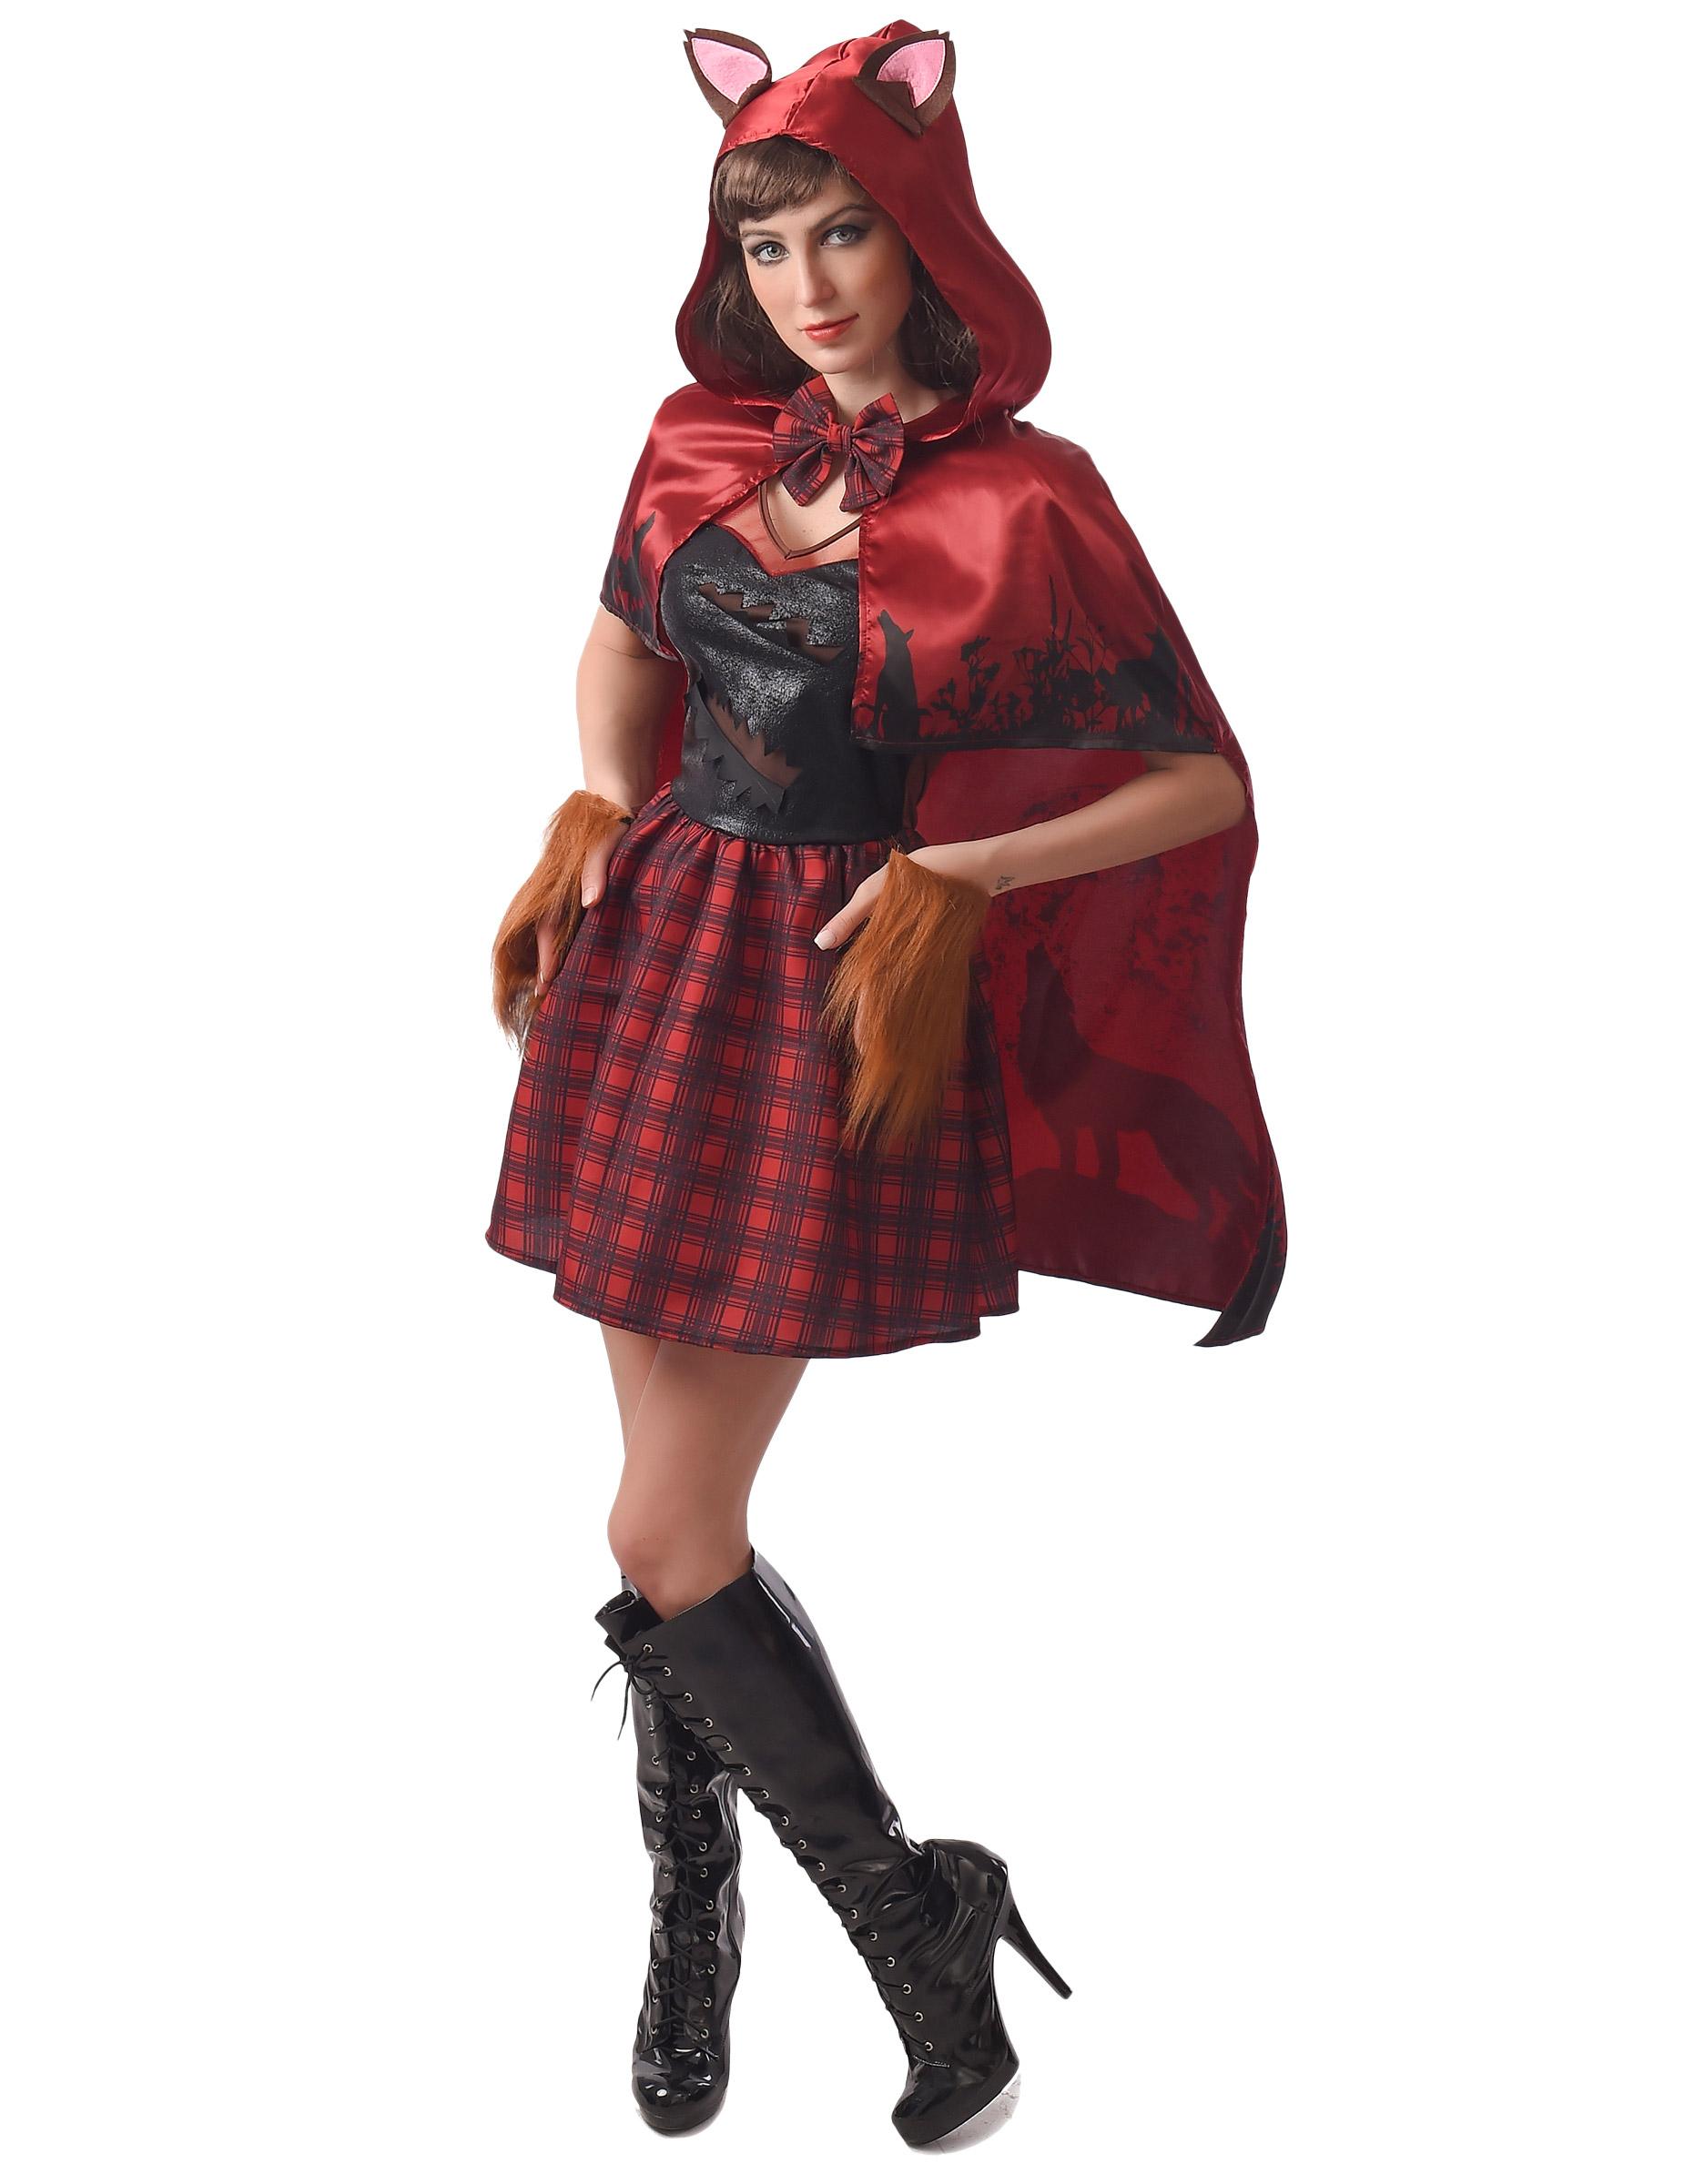 Rødhætte varulv kostume - kvinde, køb Kostumer til voksne